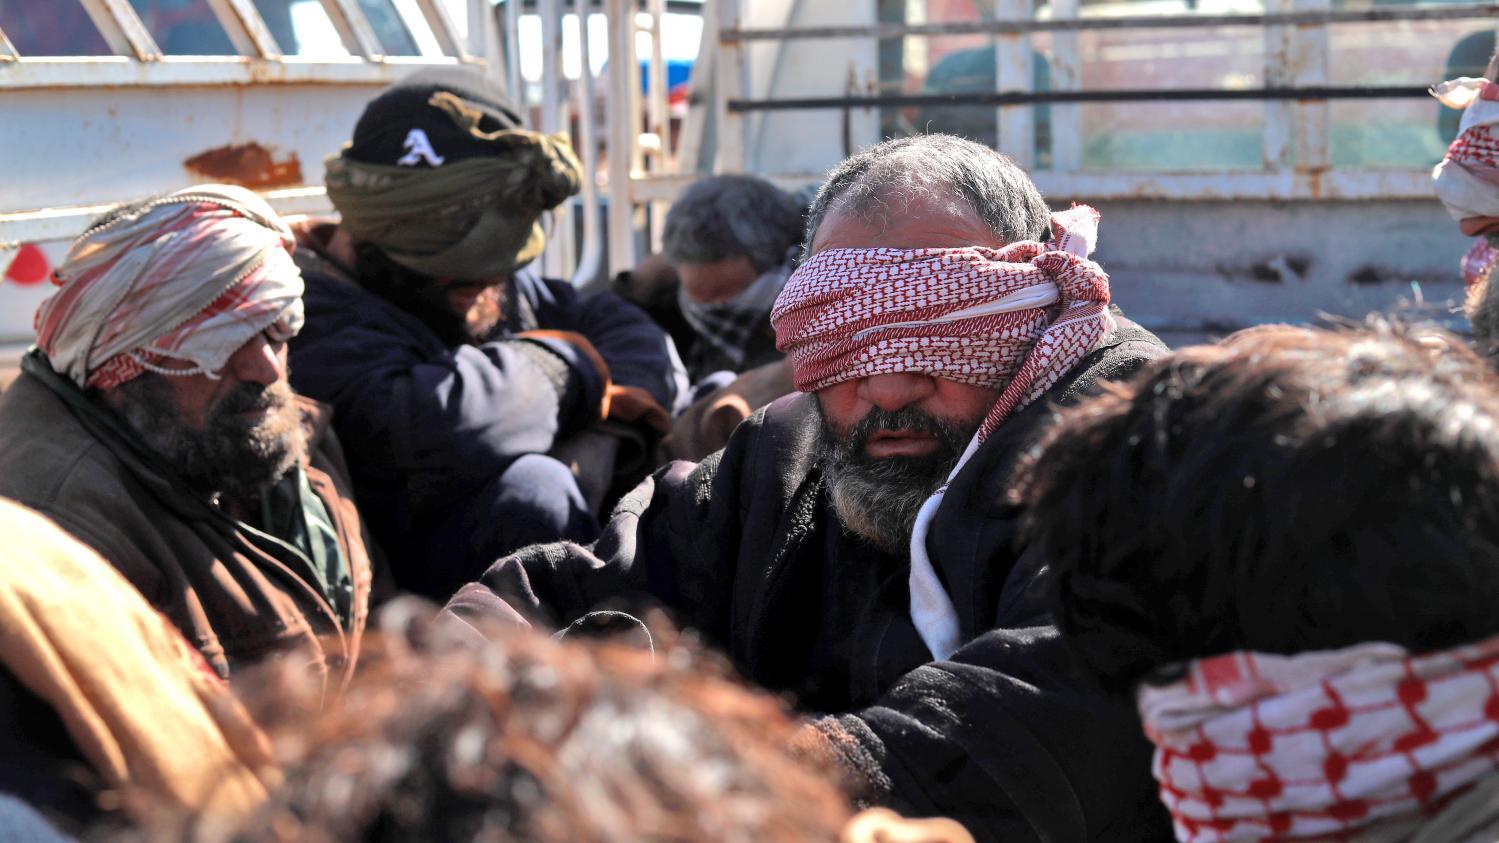 """VIDEO. """"On adorait Daesh"""" : plongée au cœur d'un camp de femmes de jihadistes en Syrie"""